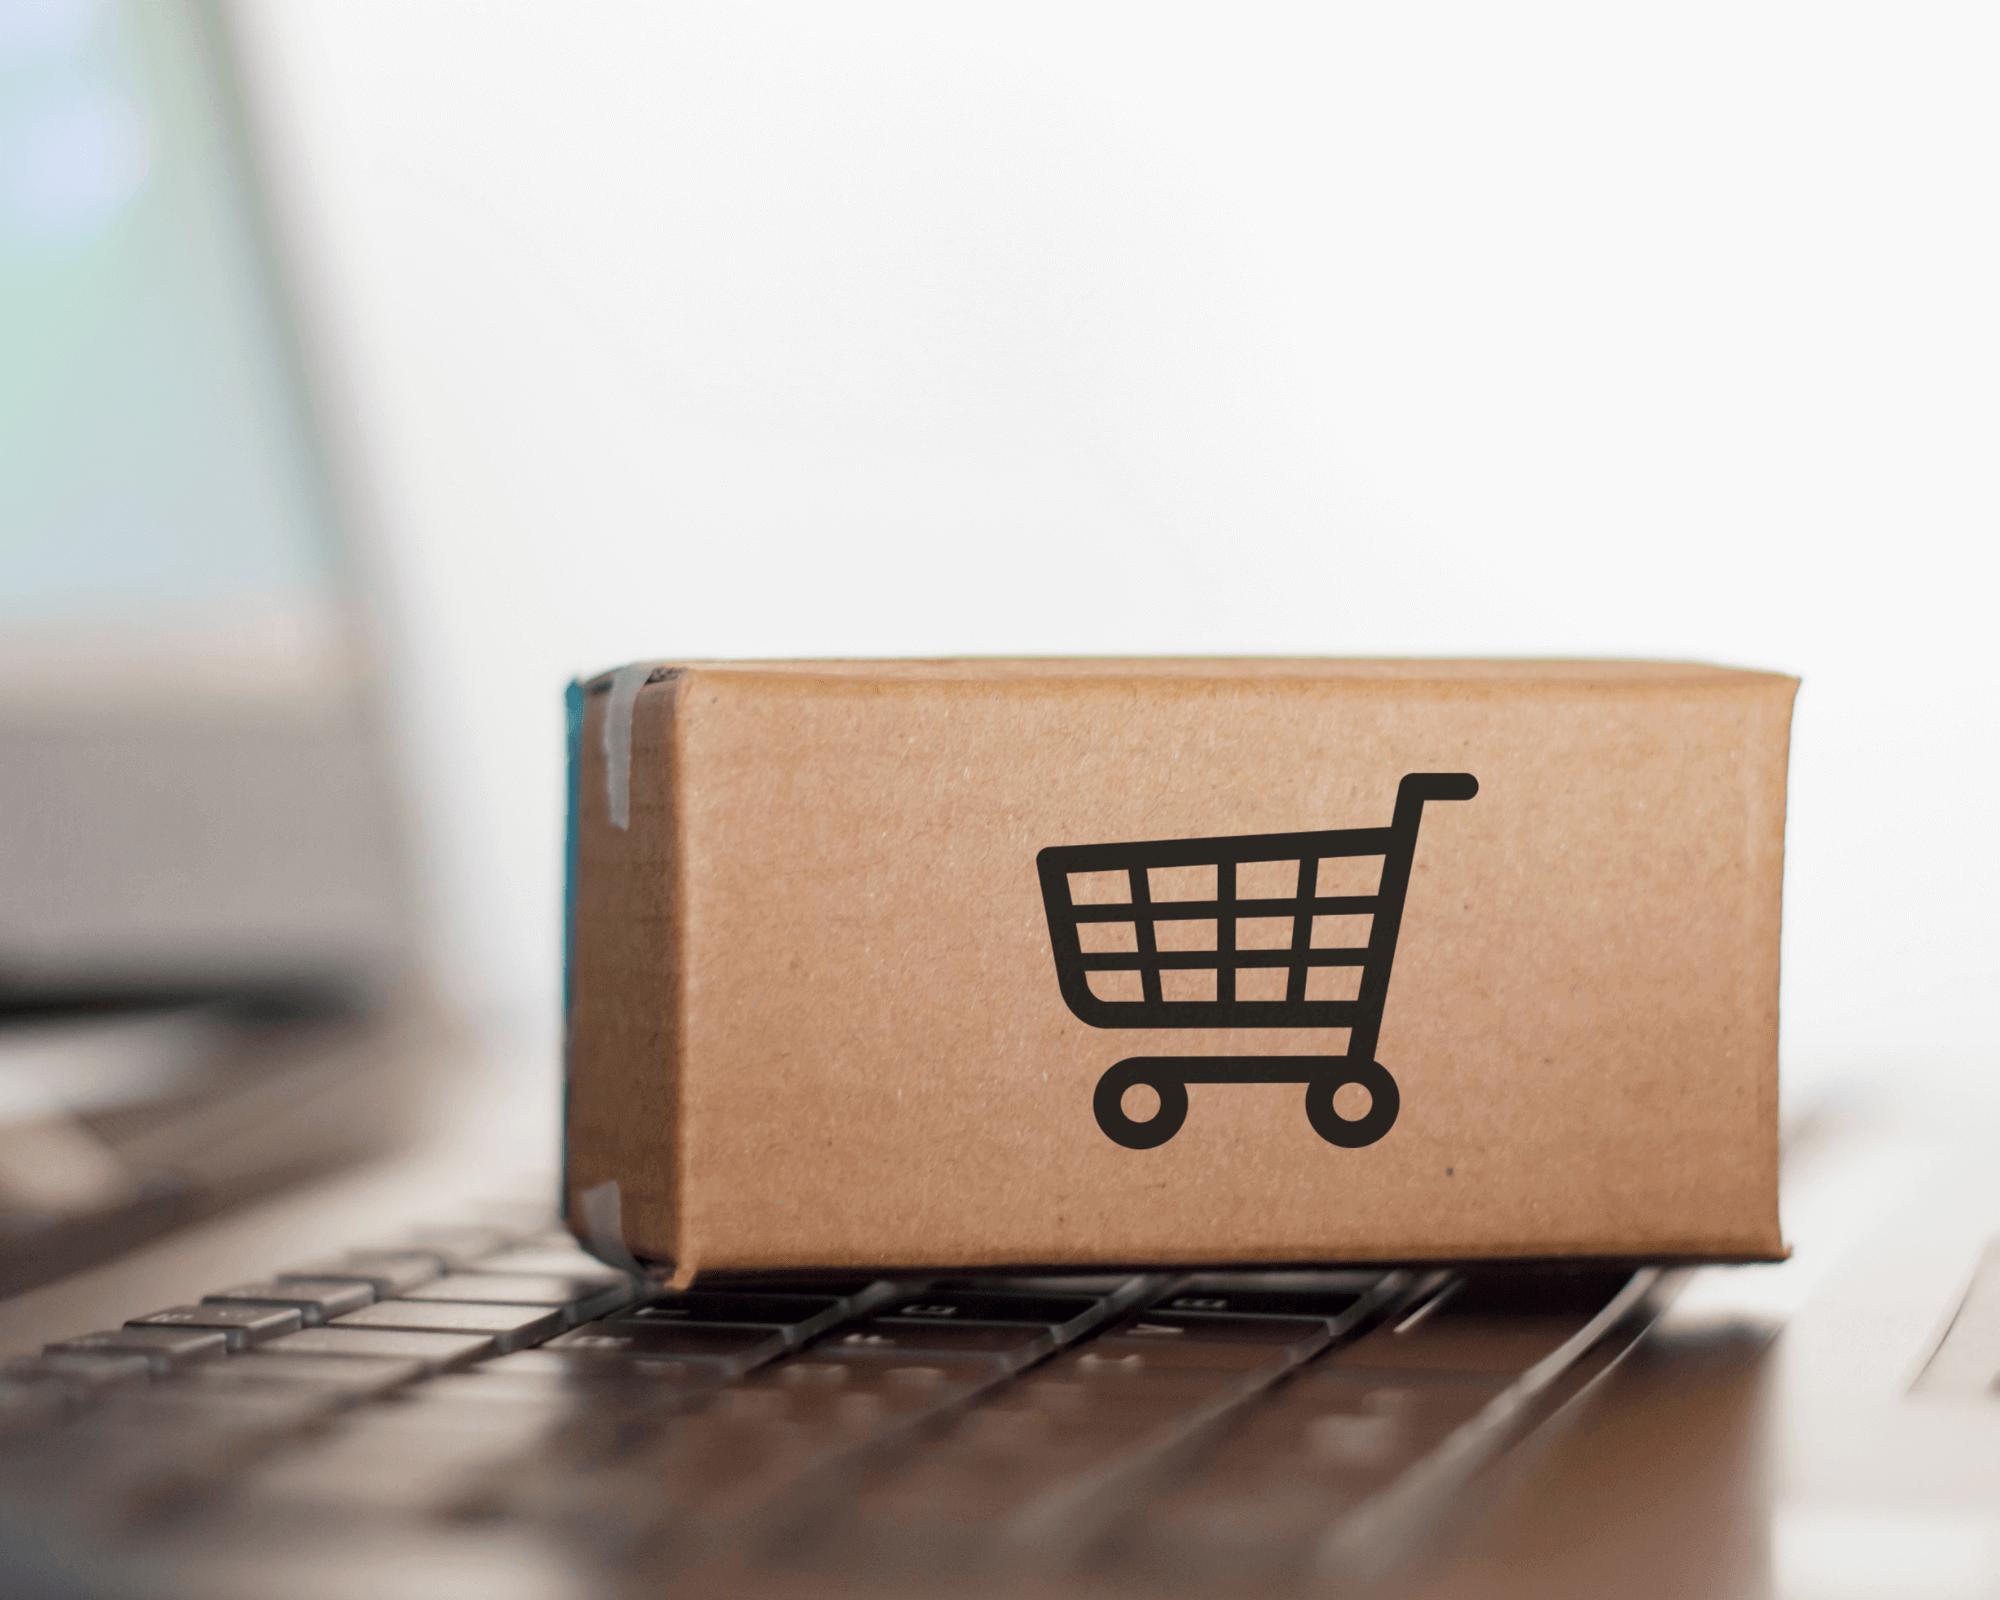 Una caja para e-commerce con un logo impreso en negro